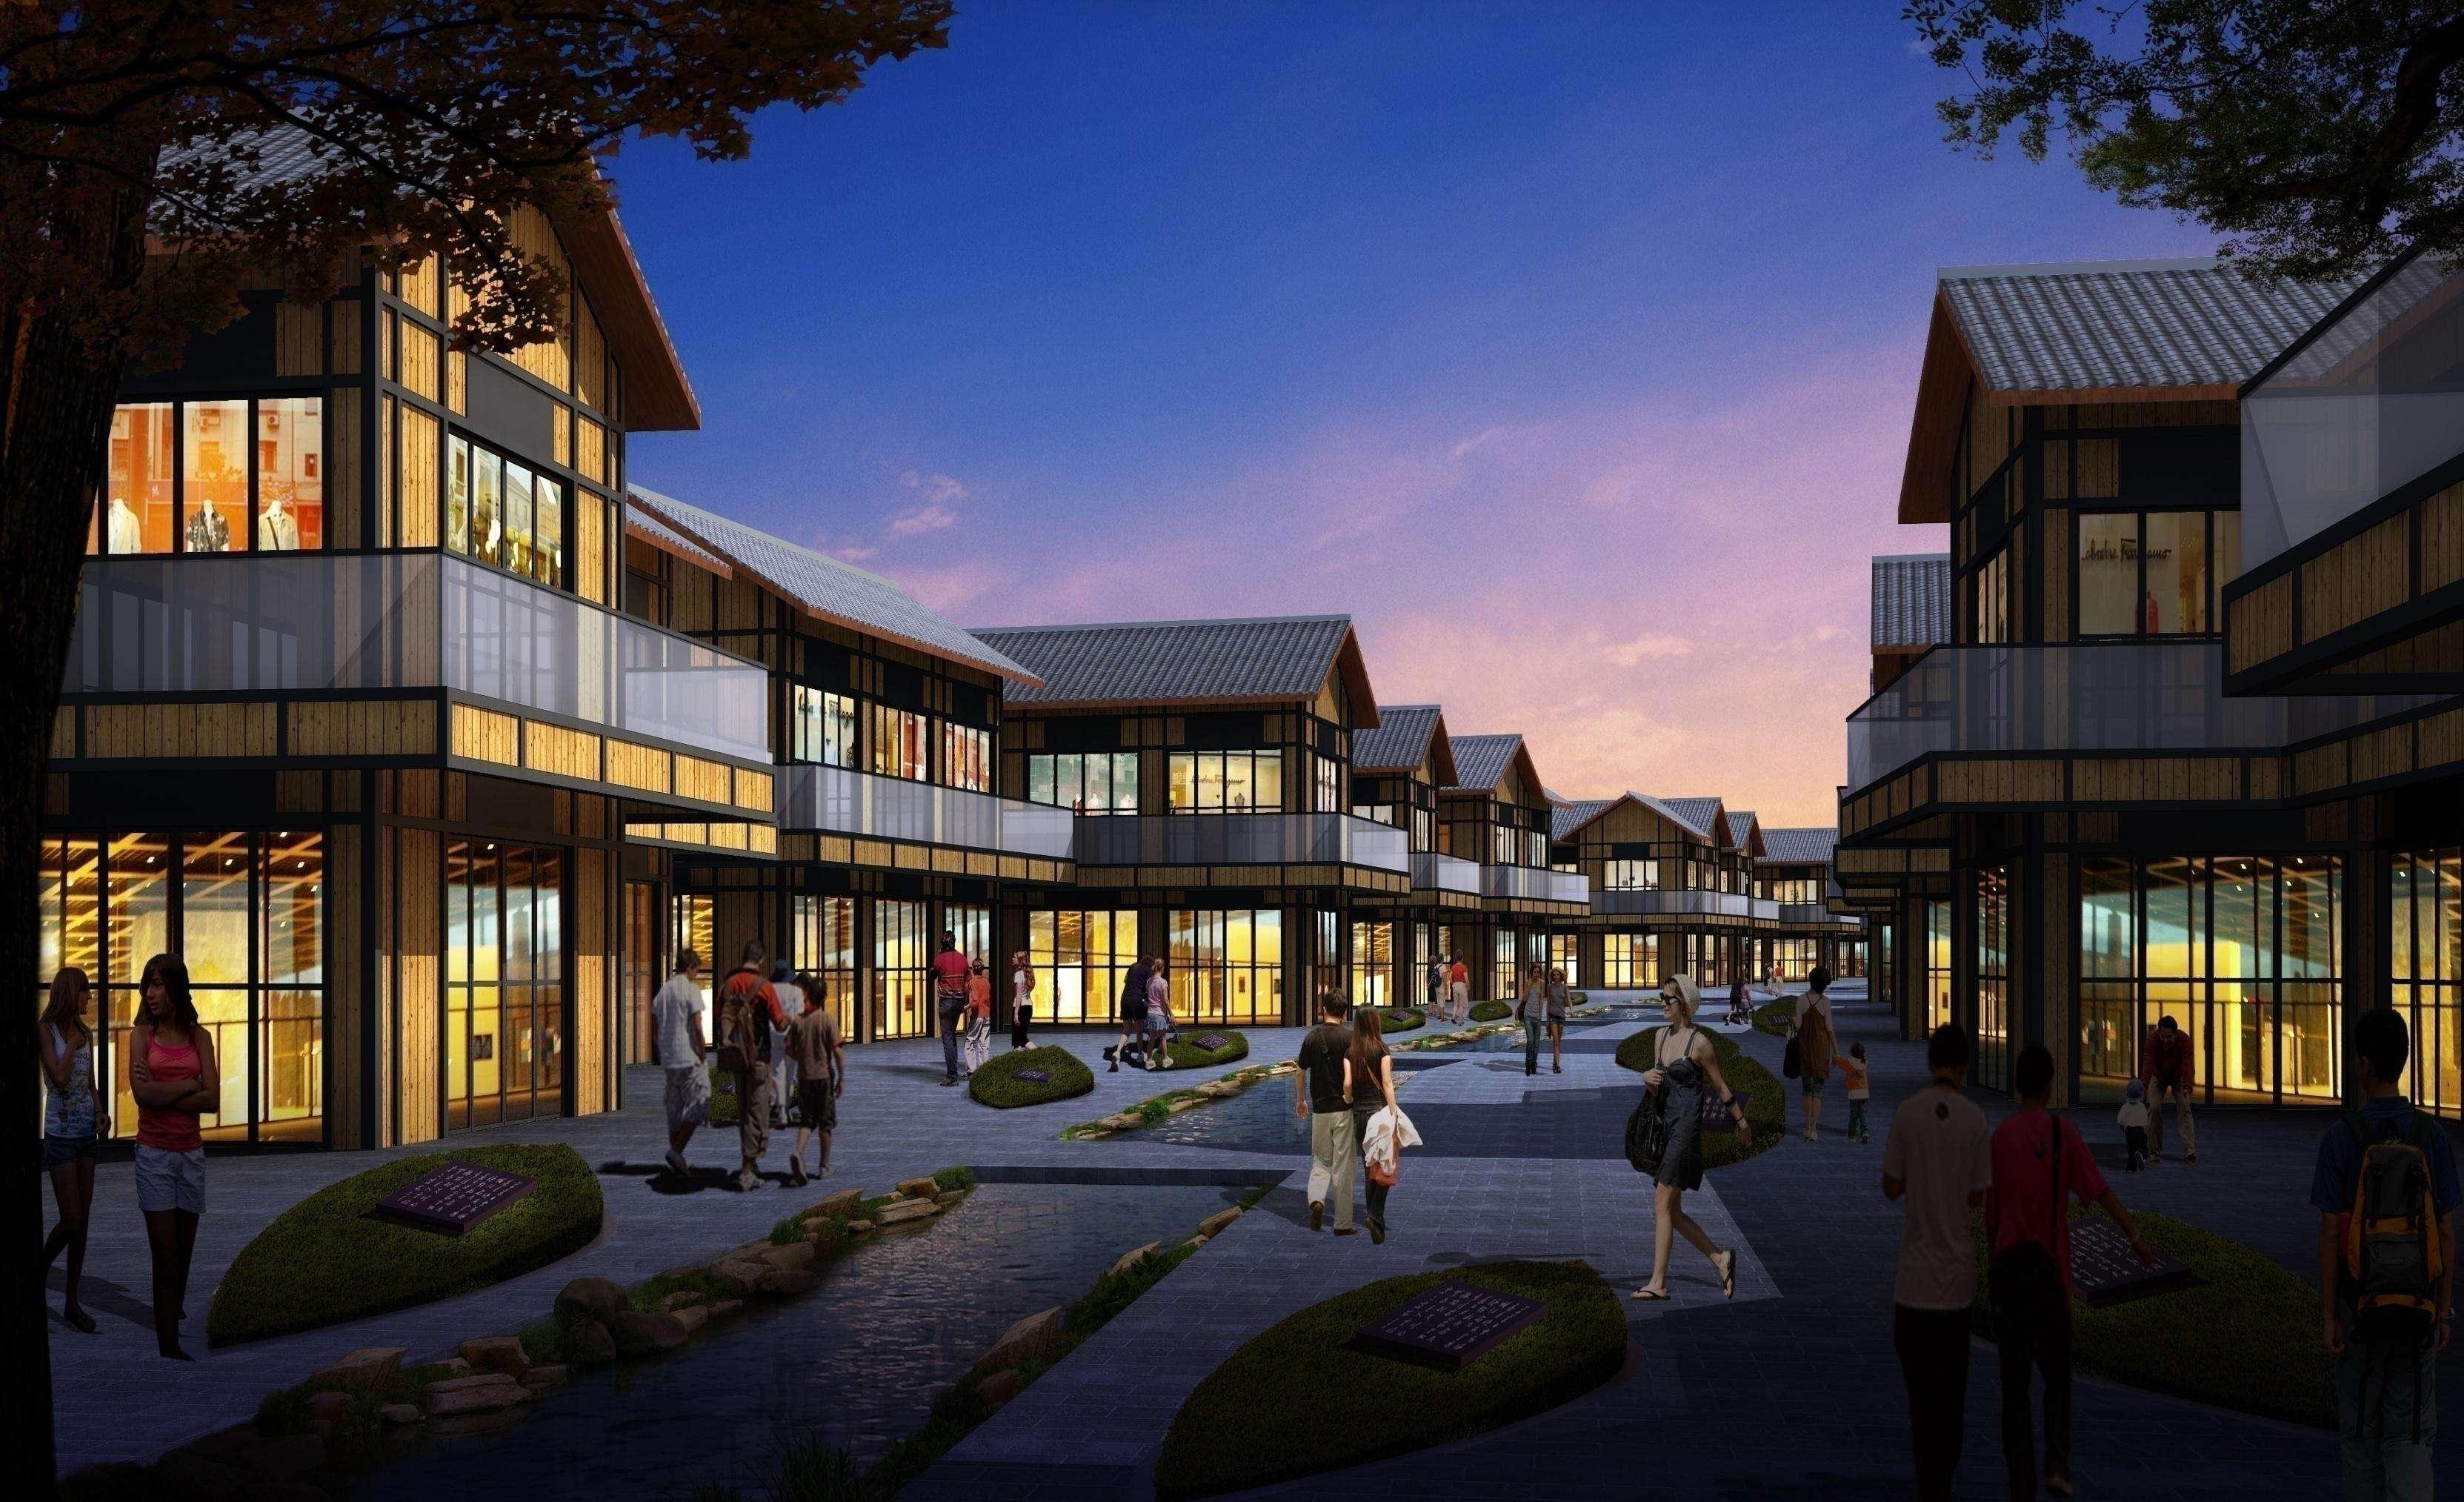 经济日报:探索特色小镇的未来之路